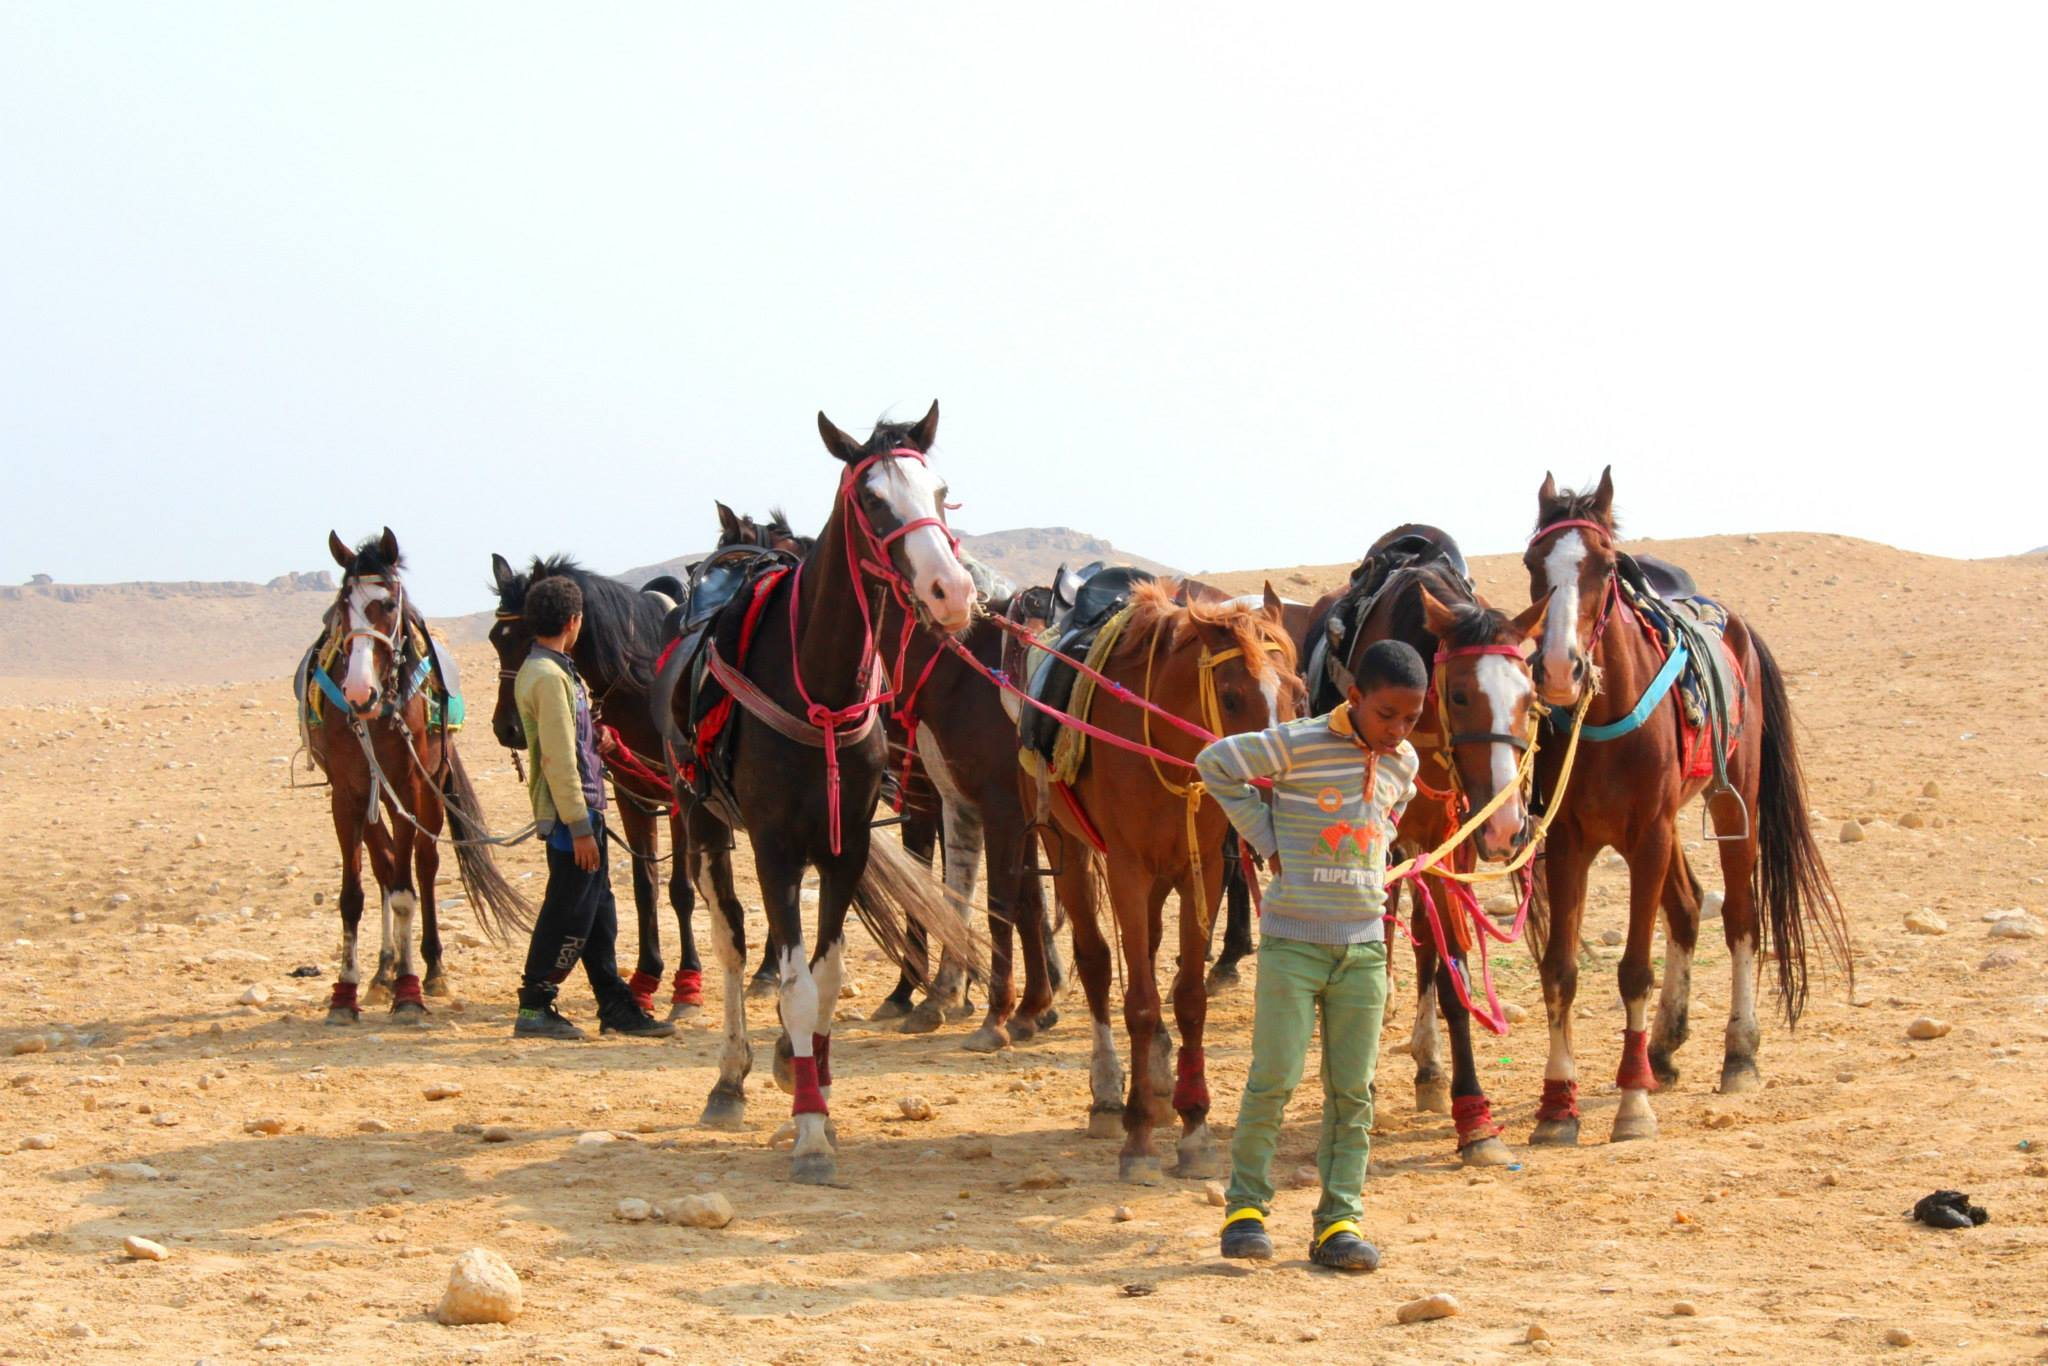 pyramids tour horseback riding